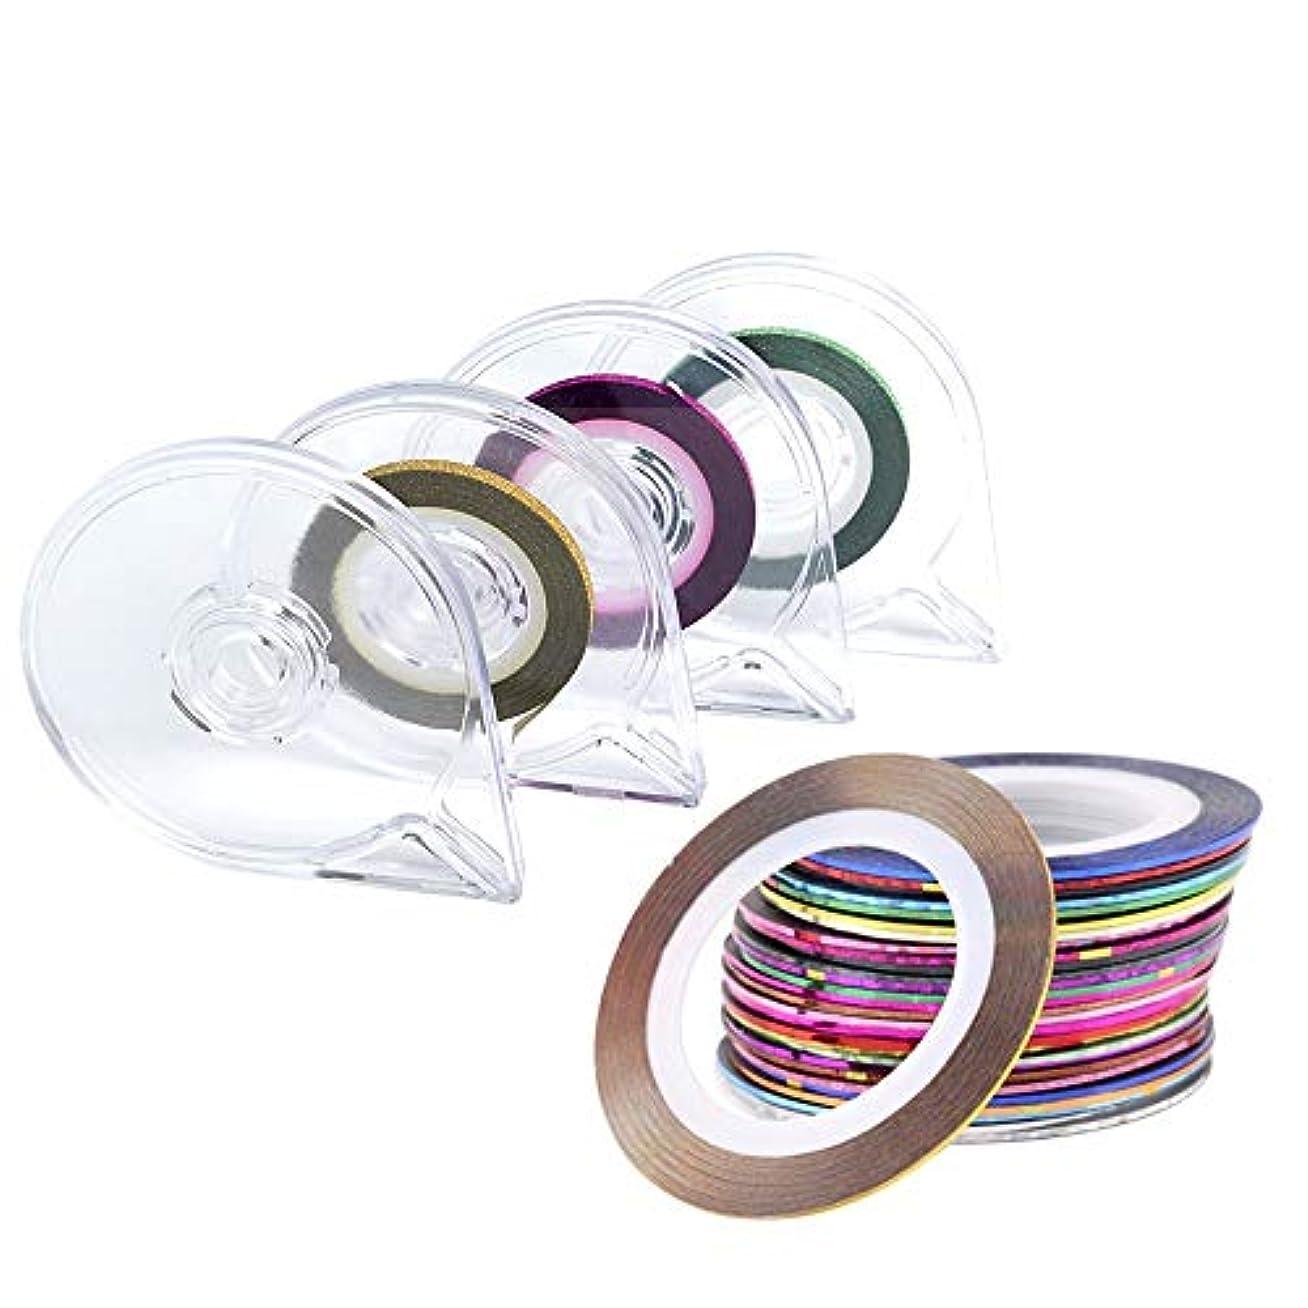 イソギンチャク式プランターラインテープネイルアート用 ラインテープ シート ジェルネイル用 マニキュア セット ジェルネイル アート用ラインテープ 専用ケース付き 30ピース (Color : Mixed Colour)